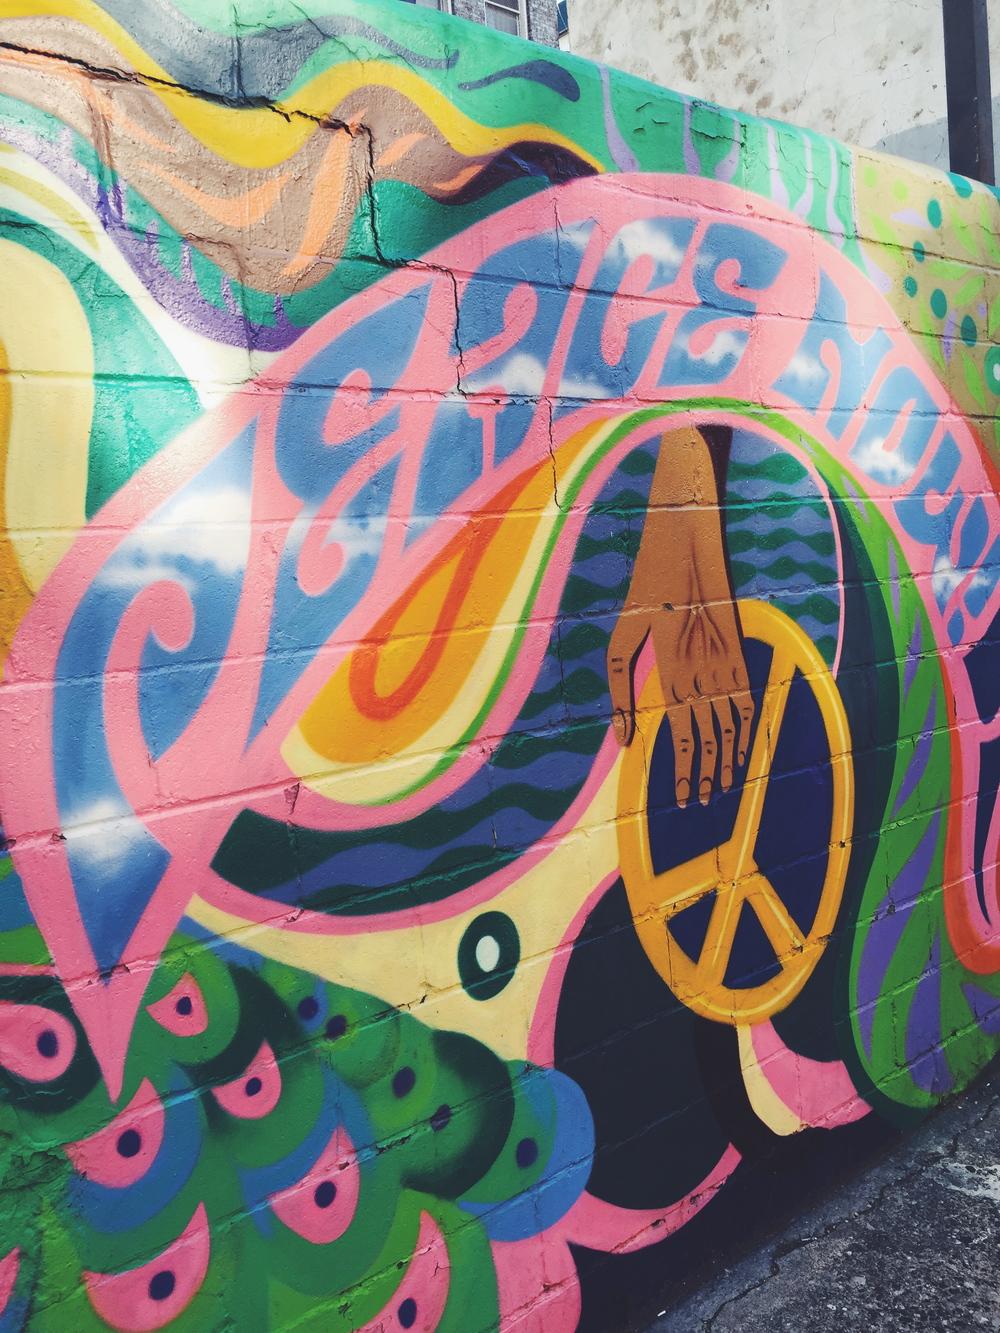 Peace & L♥ve